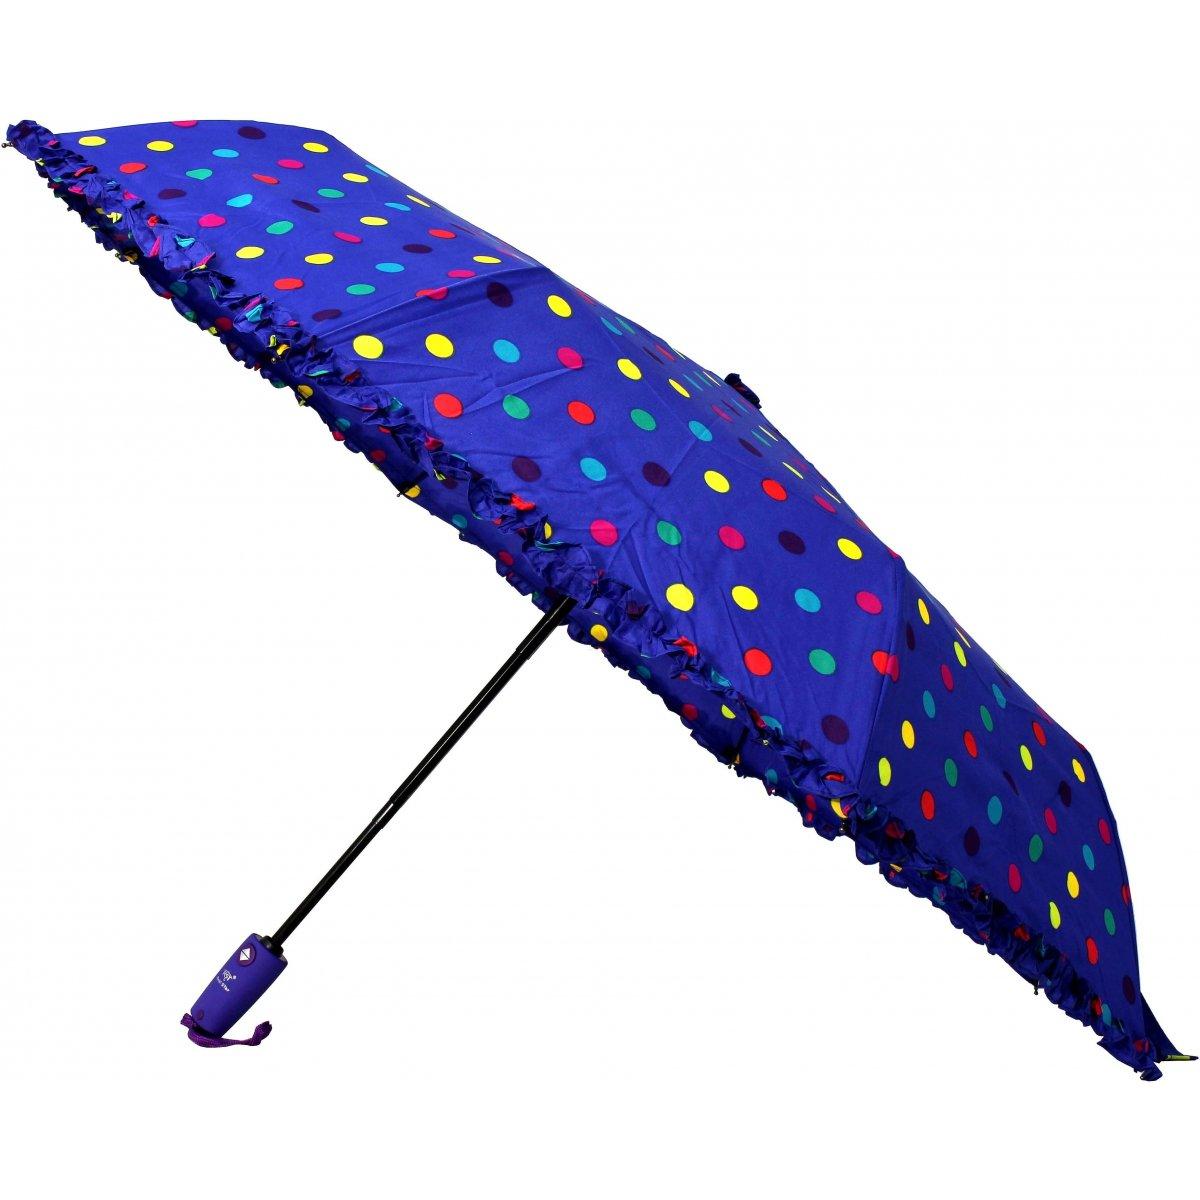 parapluie automatique les sacs de krlot akg0082 couleur principale 5. Black Bedroom Furniture Sets. Home Design Ideas